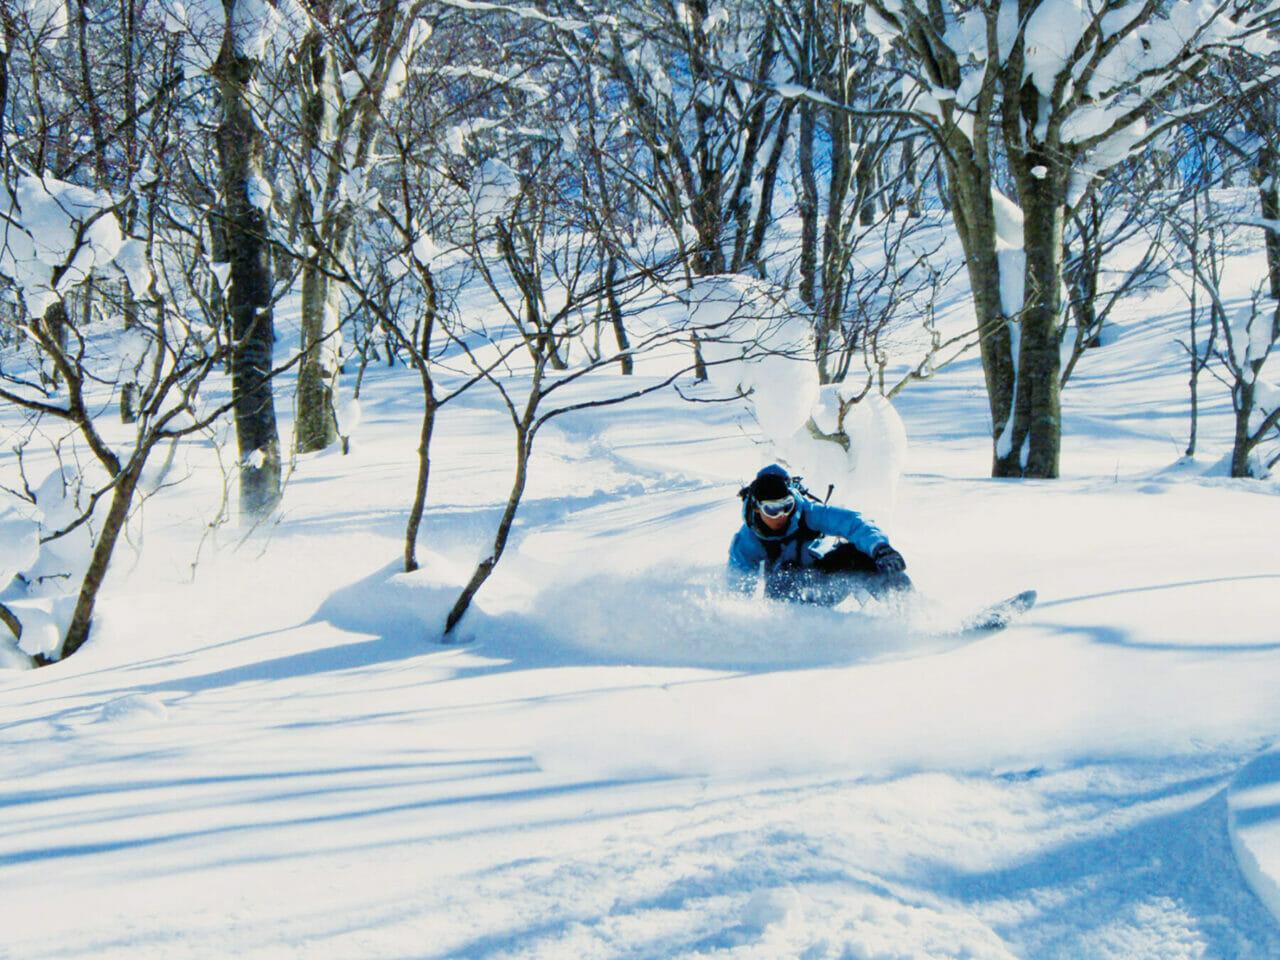 ふかふかの新雪パウダーが味わえる非圧雪ツリーラン